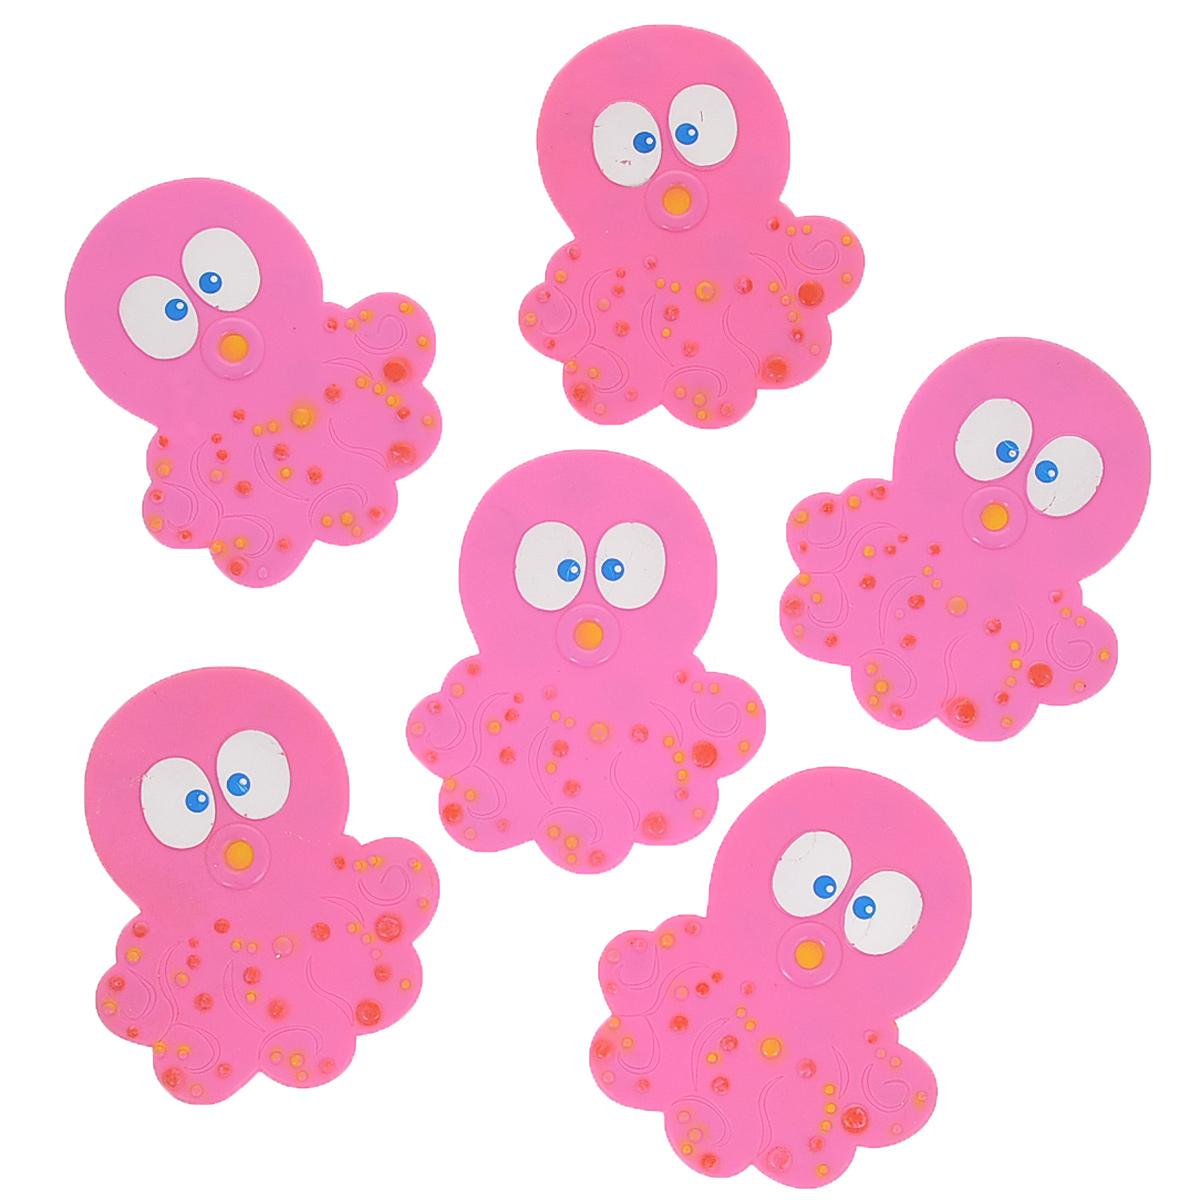 Набор мини-ковриков для ванной Dom Company Осьминог, цвет: розовый, 6 шт.837-024Набор Dom Company Осьминог состоит из шести мини-ковриков для ванной, изготовленных из 100% полимерных материалов в форме забавных осьминогов. Коврики оснащены присосками, предотвращающими скольжение. Их можно крепить на дно ванны или использовать как декор для плитки. Коврики легко чистить.